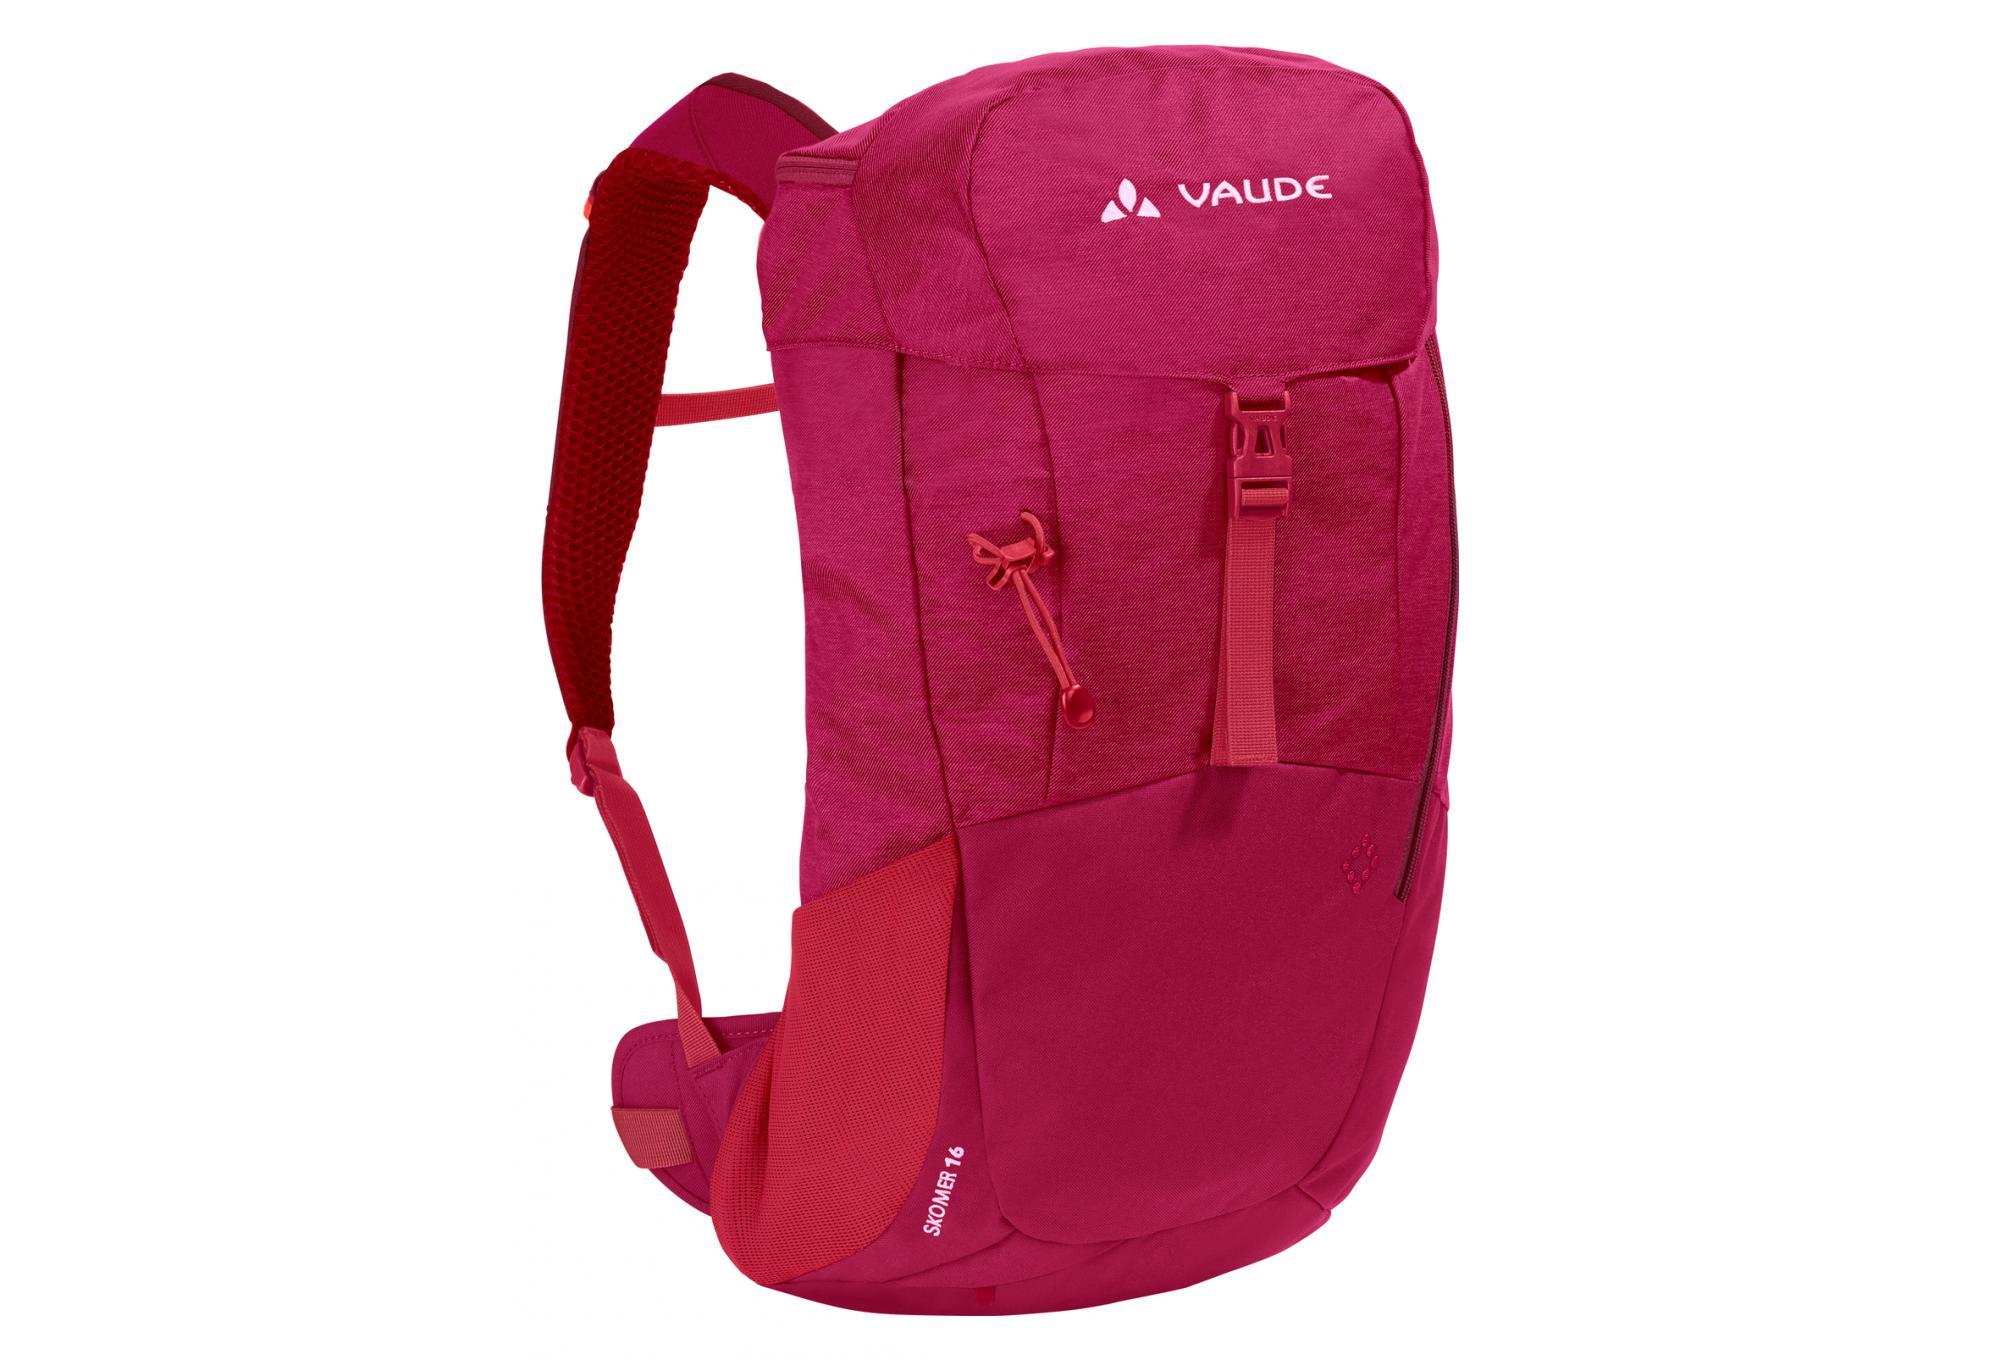 d625d4c8ff386 Vaude Skomer 16 Backpack Women Pink